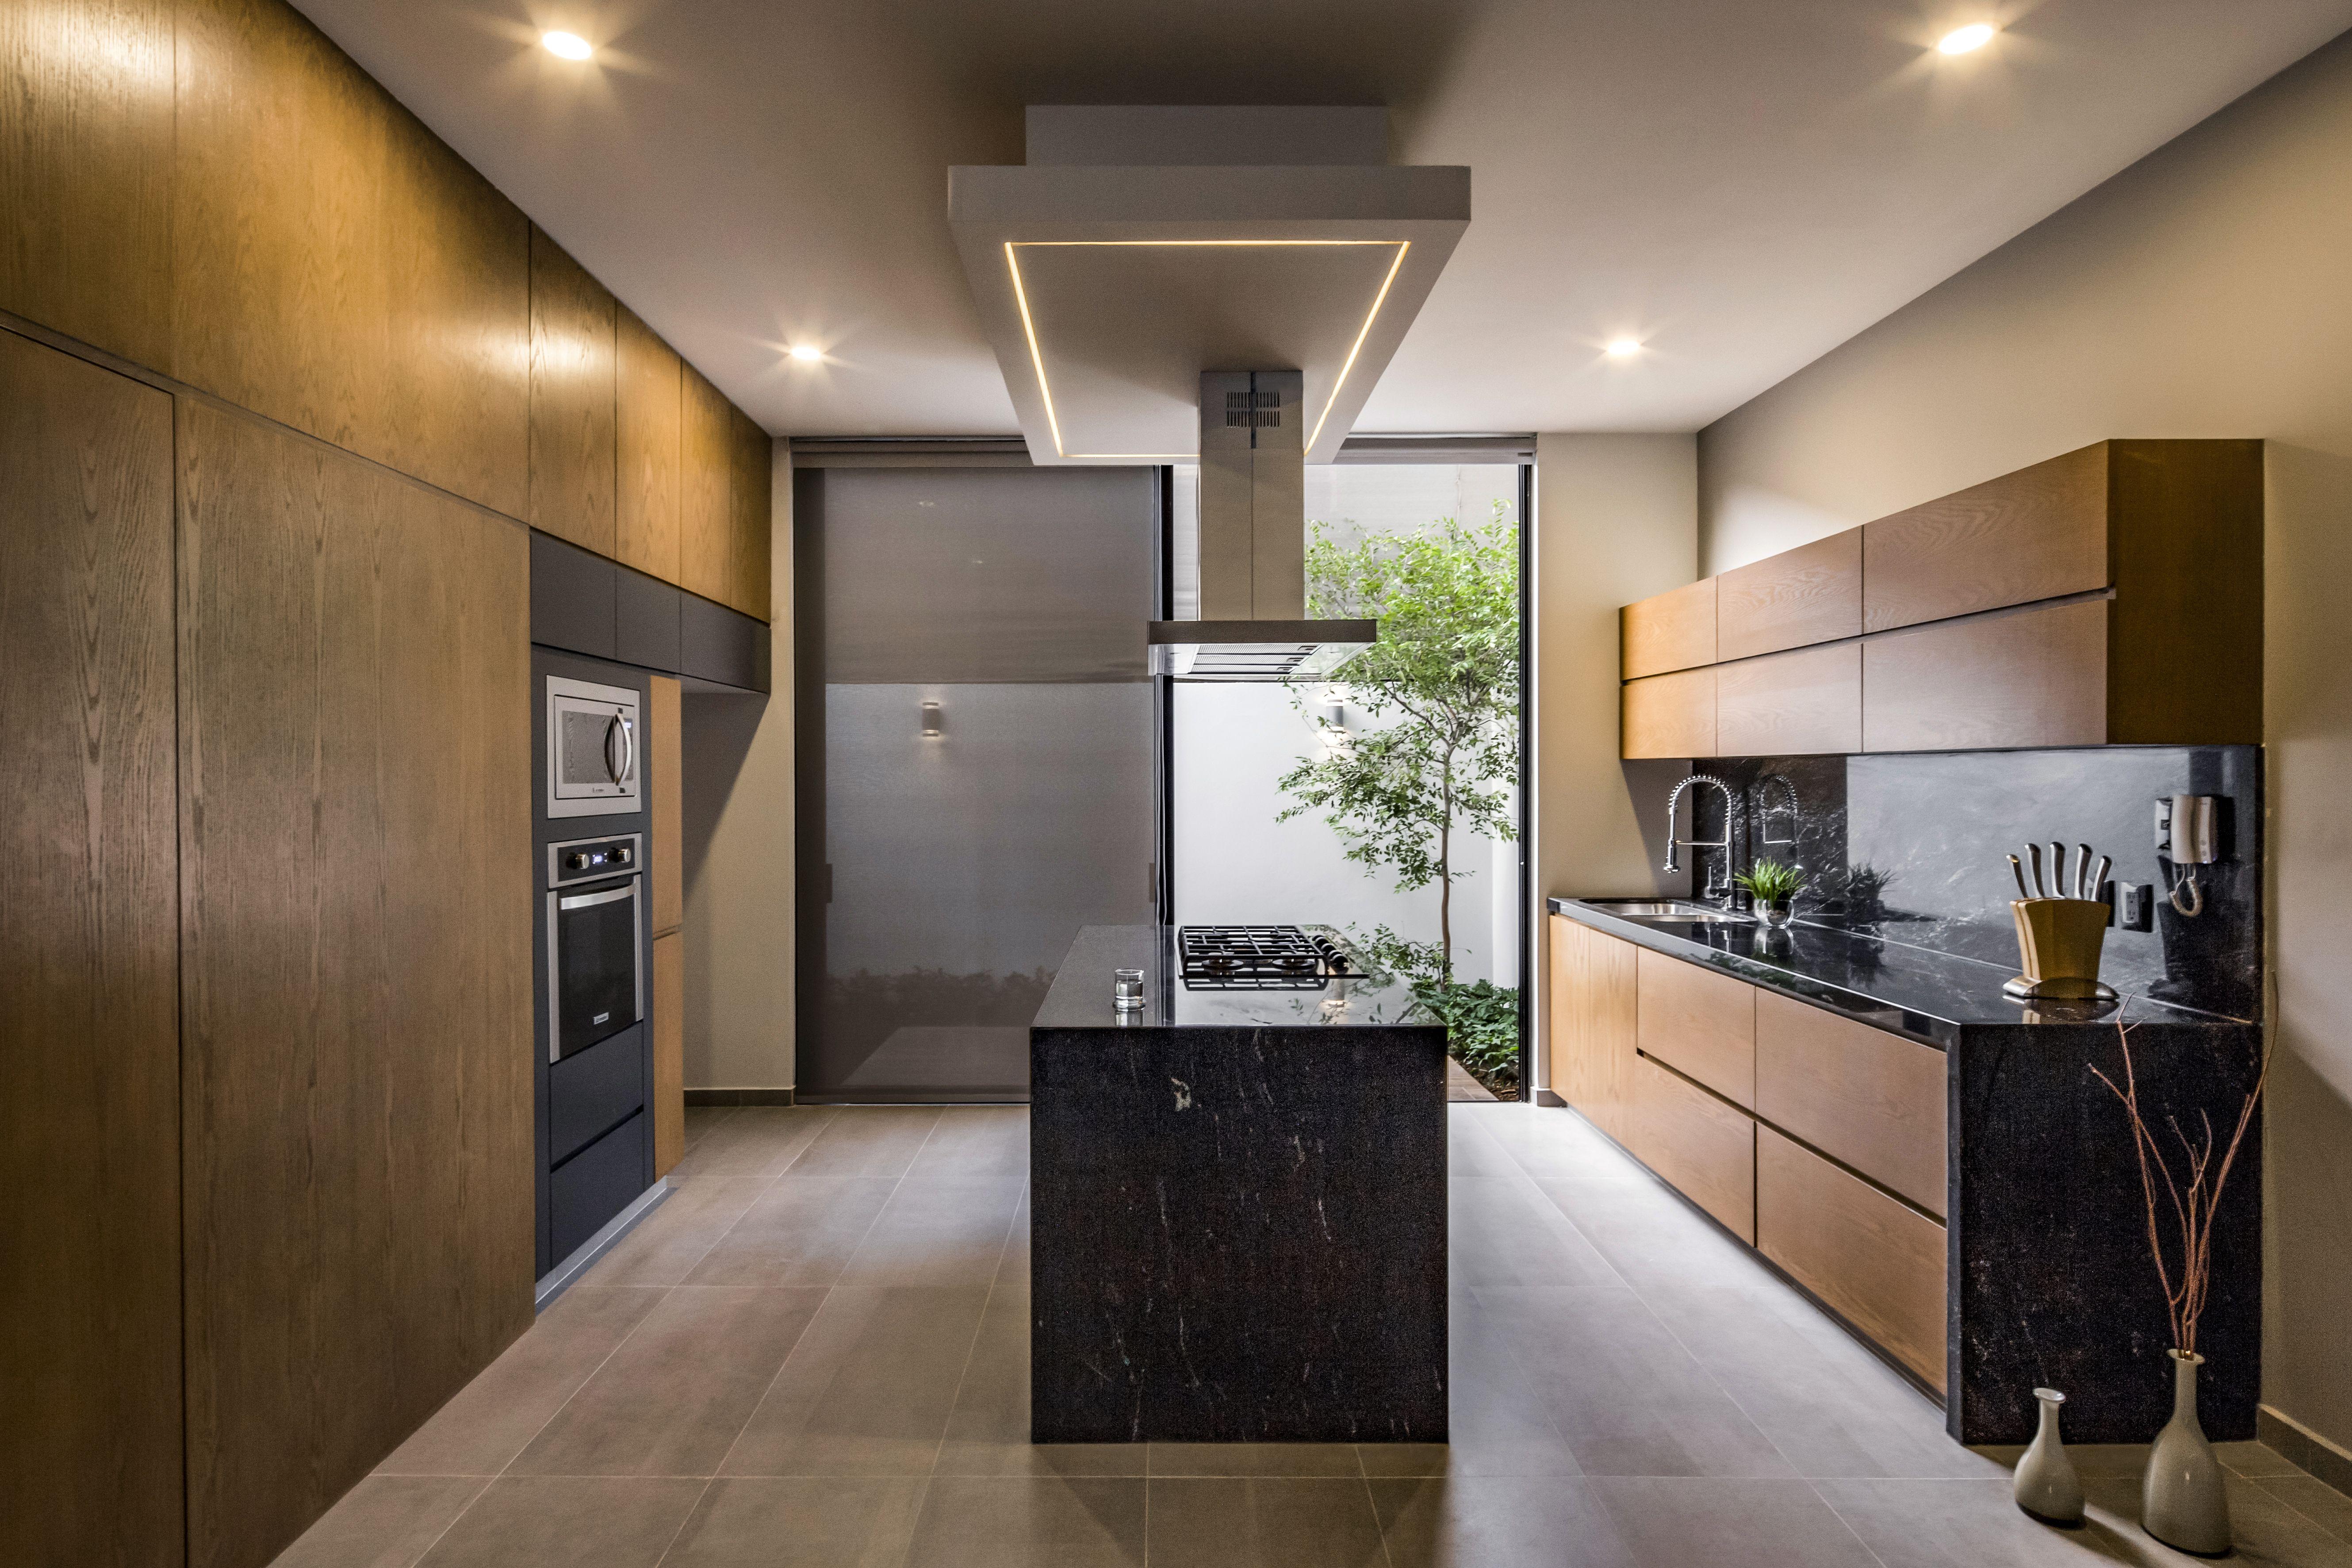 Ideas De Cocina Con Vista A Jardin Islas De Cocina Diseno De Cocina Casas Personalizadas